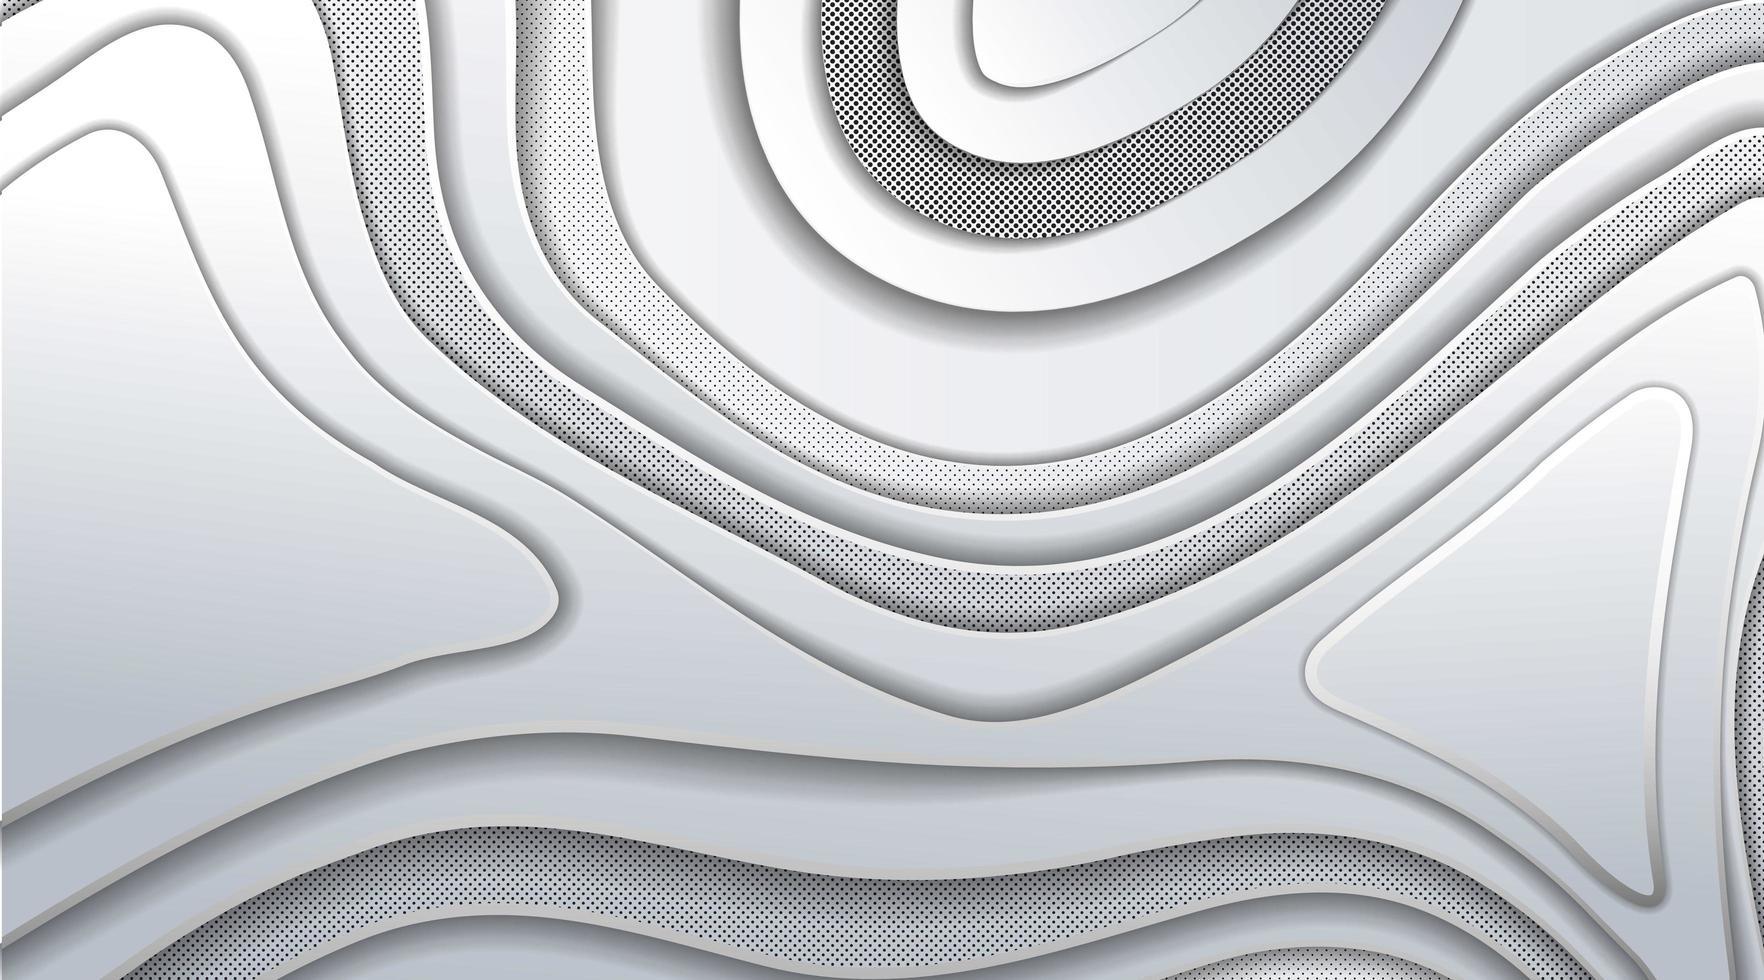 überlappendes graues Wellenverlaufdesign vektor